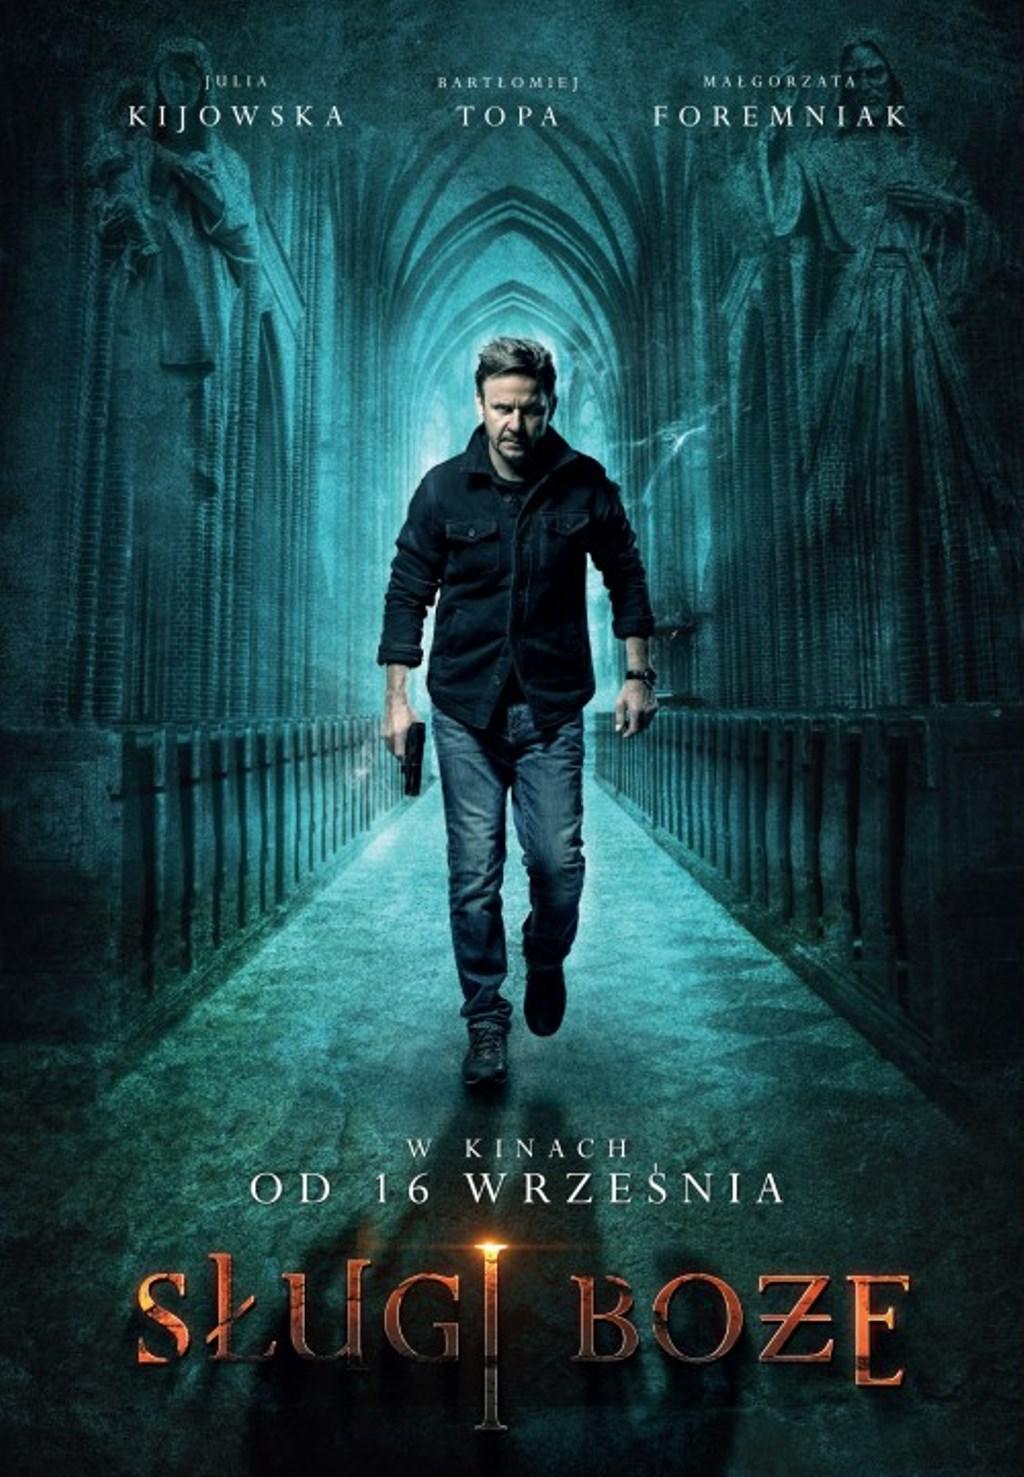 Lenkų kino savaitė: Dievo tarnai  (SŁUGI BOŻE)